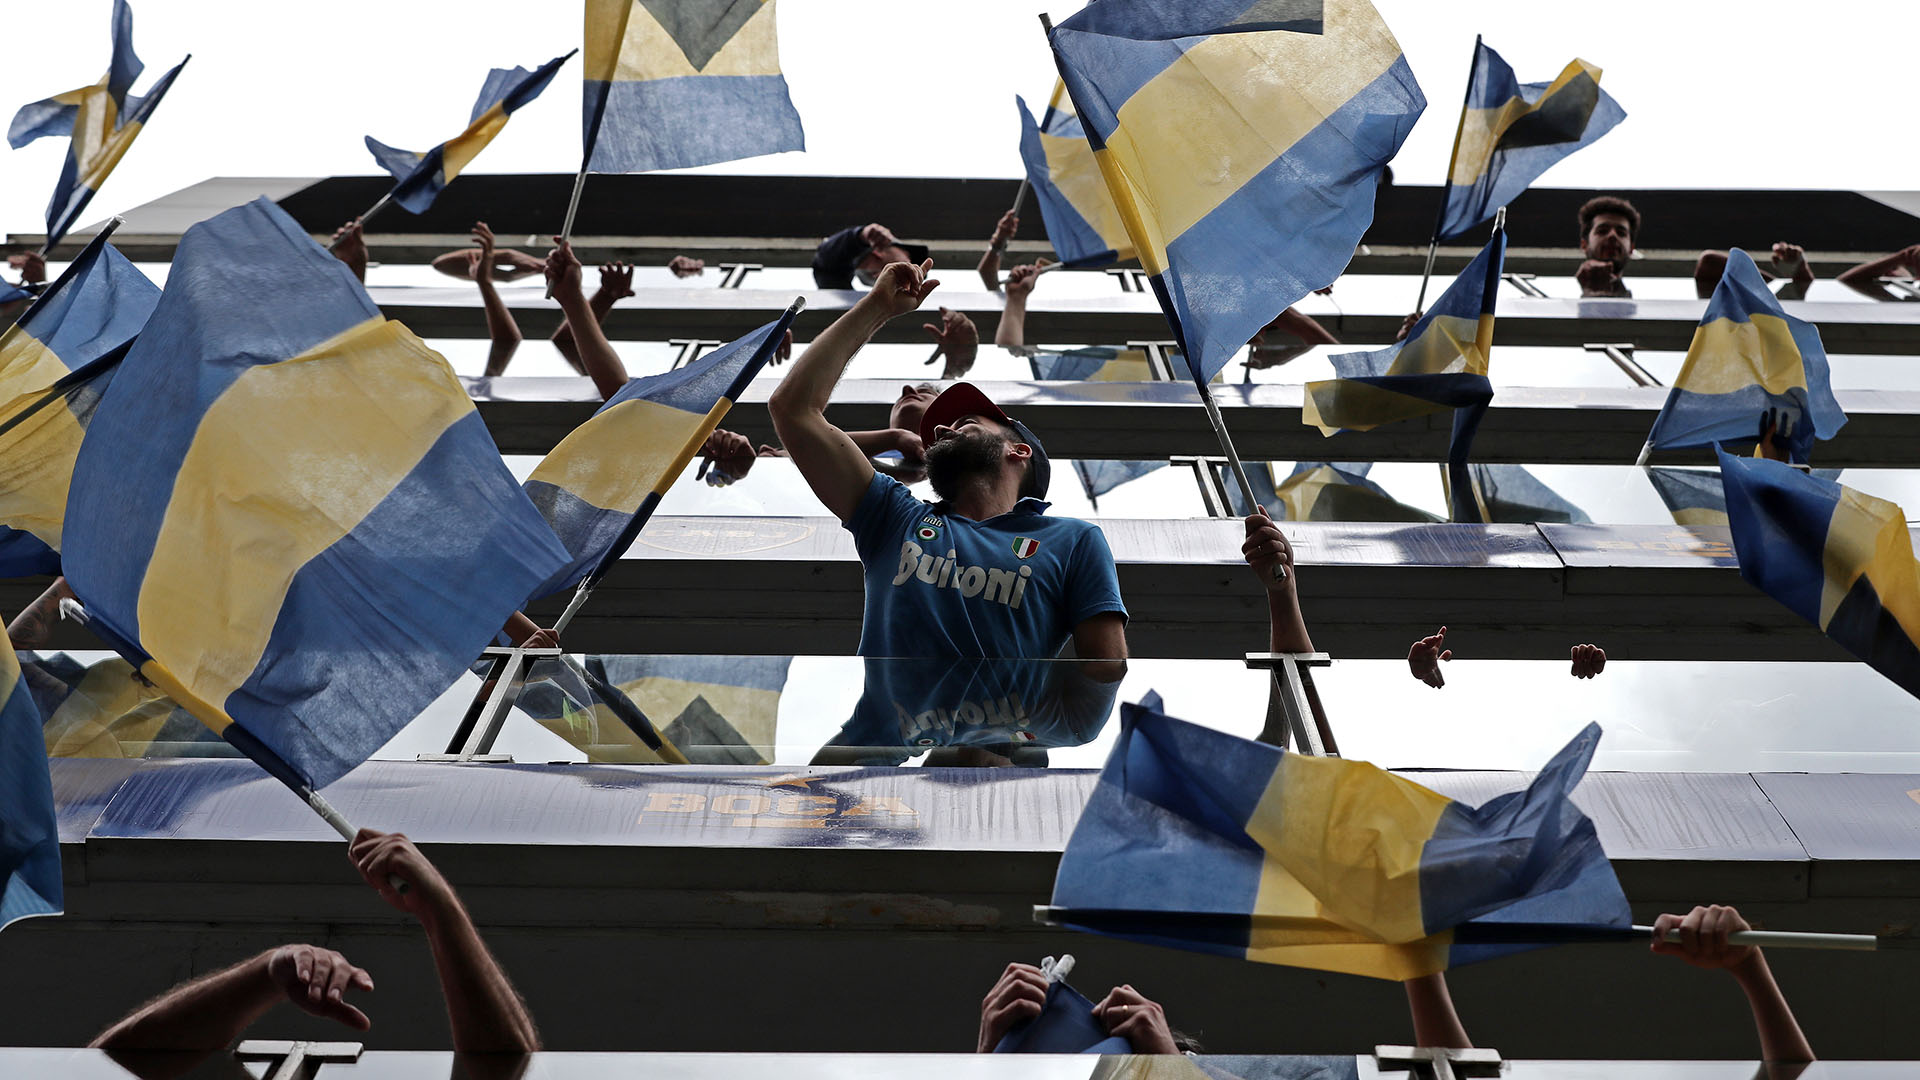 Los palcos lucieron decenas de banderas de Boca